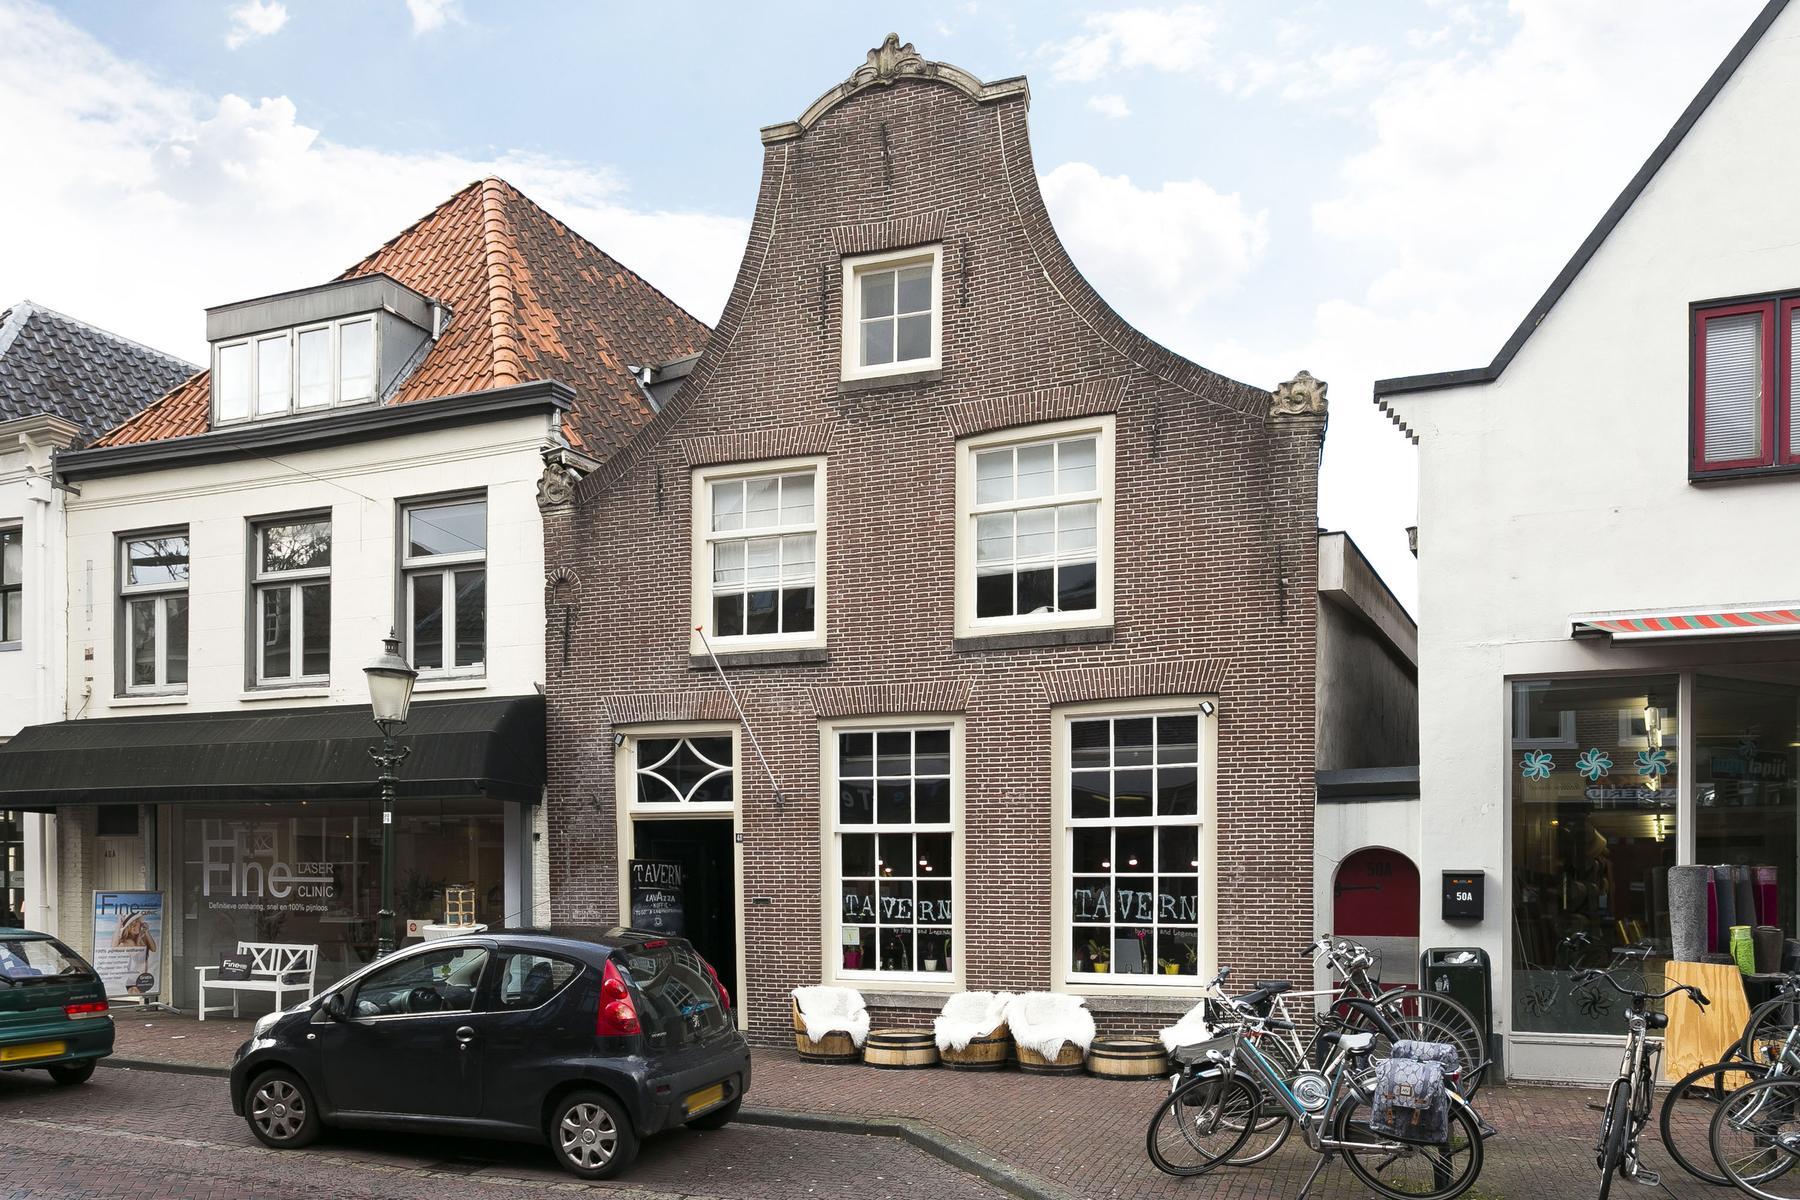 horecaruimte te huur in Amersfoort, beschikbaar via ReBM bedrijfsmakelaardij.